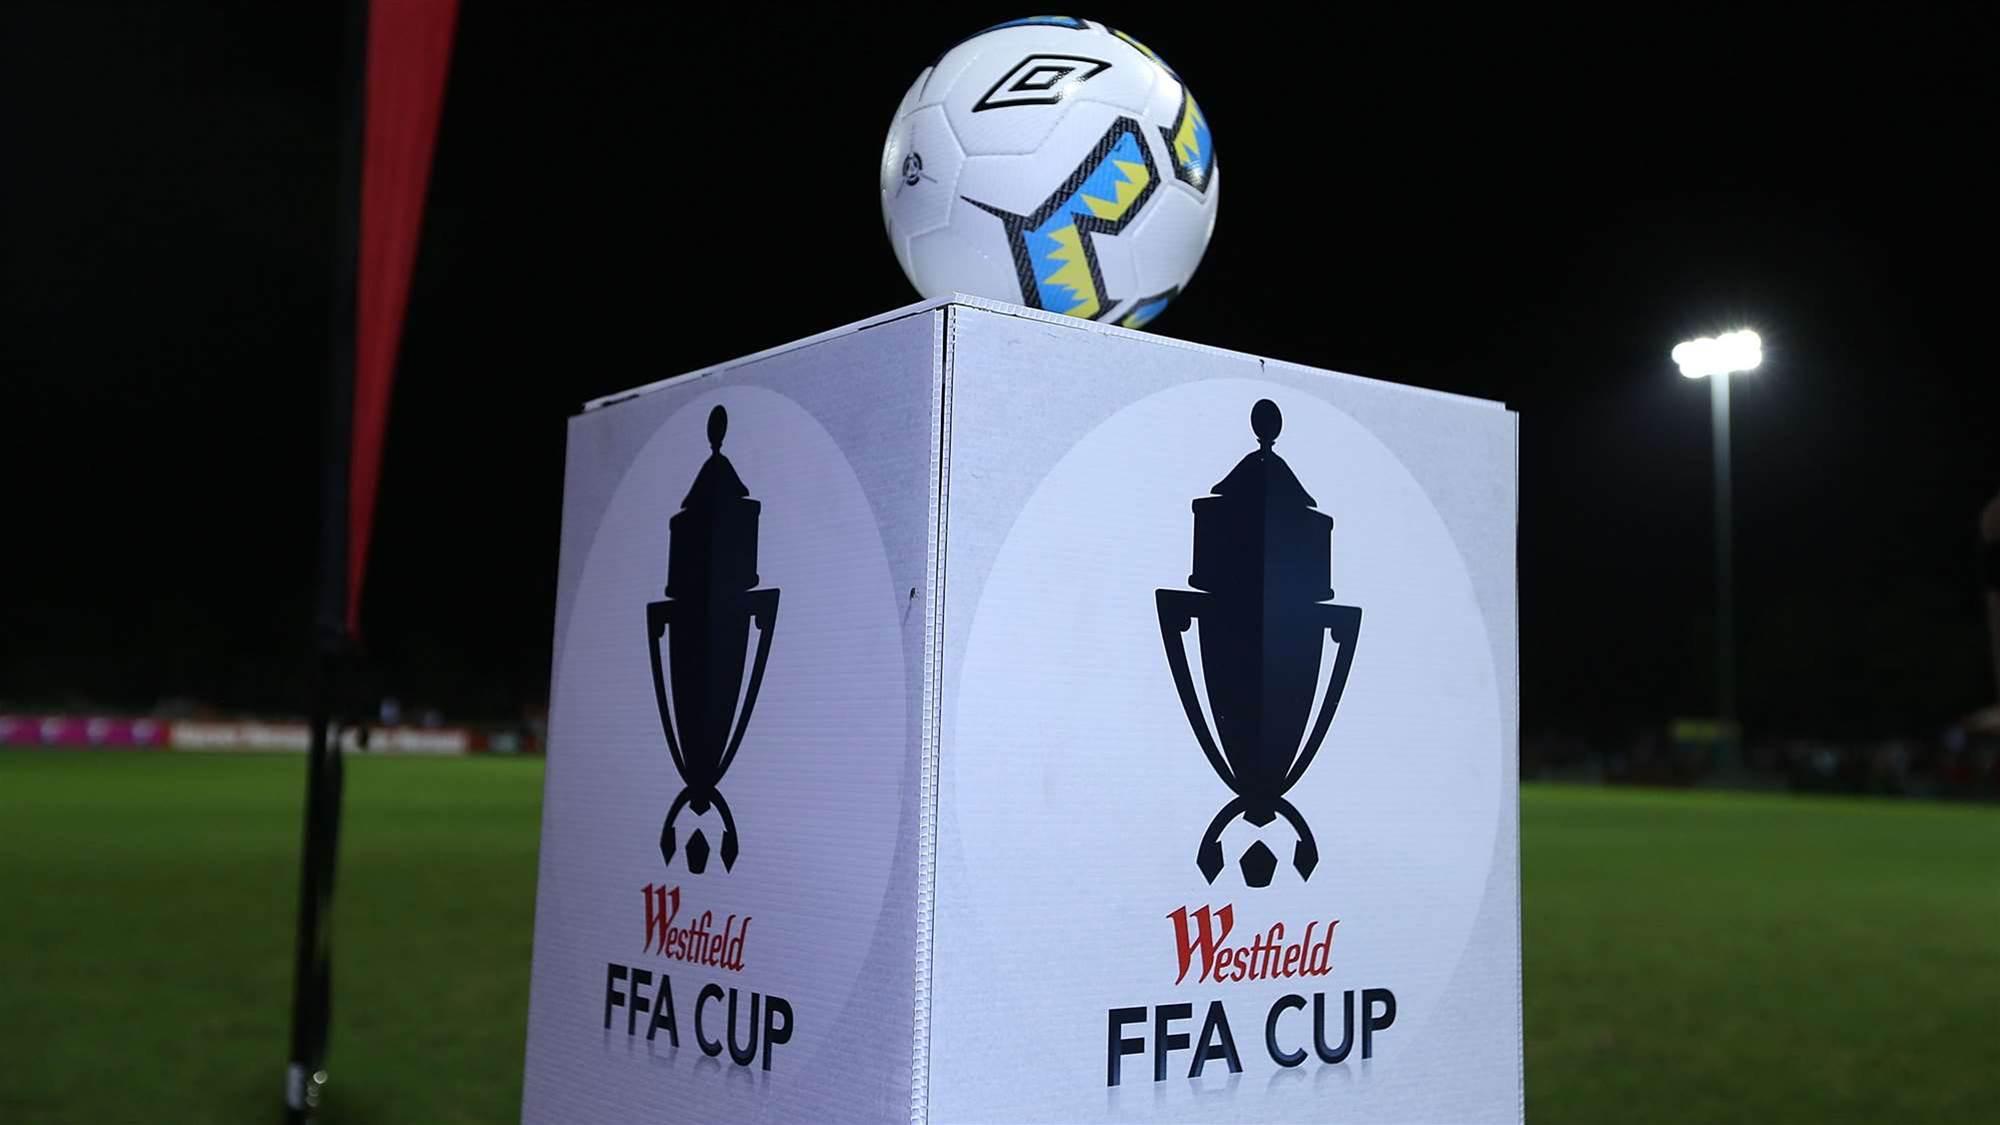 Preview: FFA Cup Quarter Finals MD 2